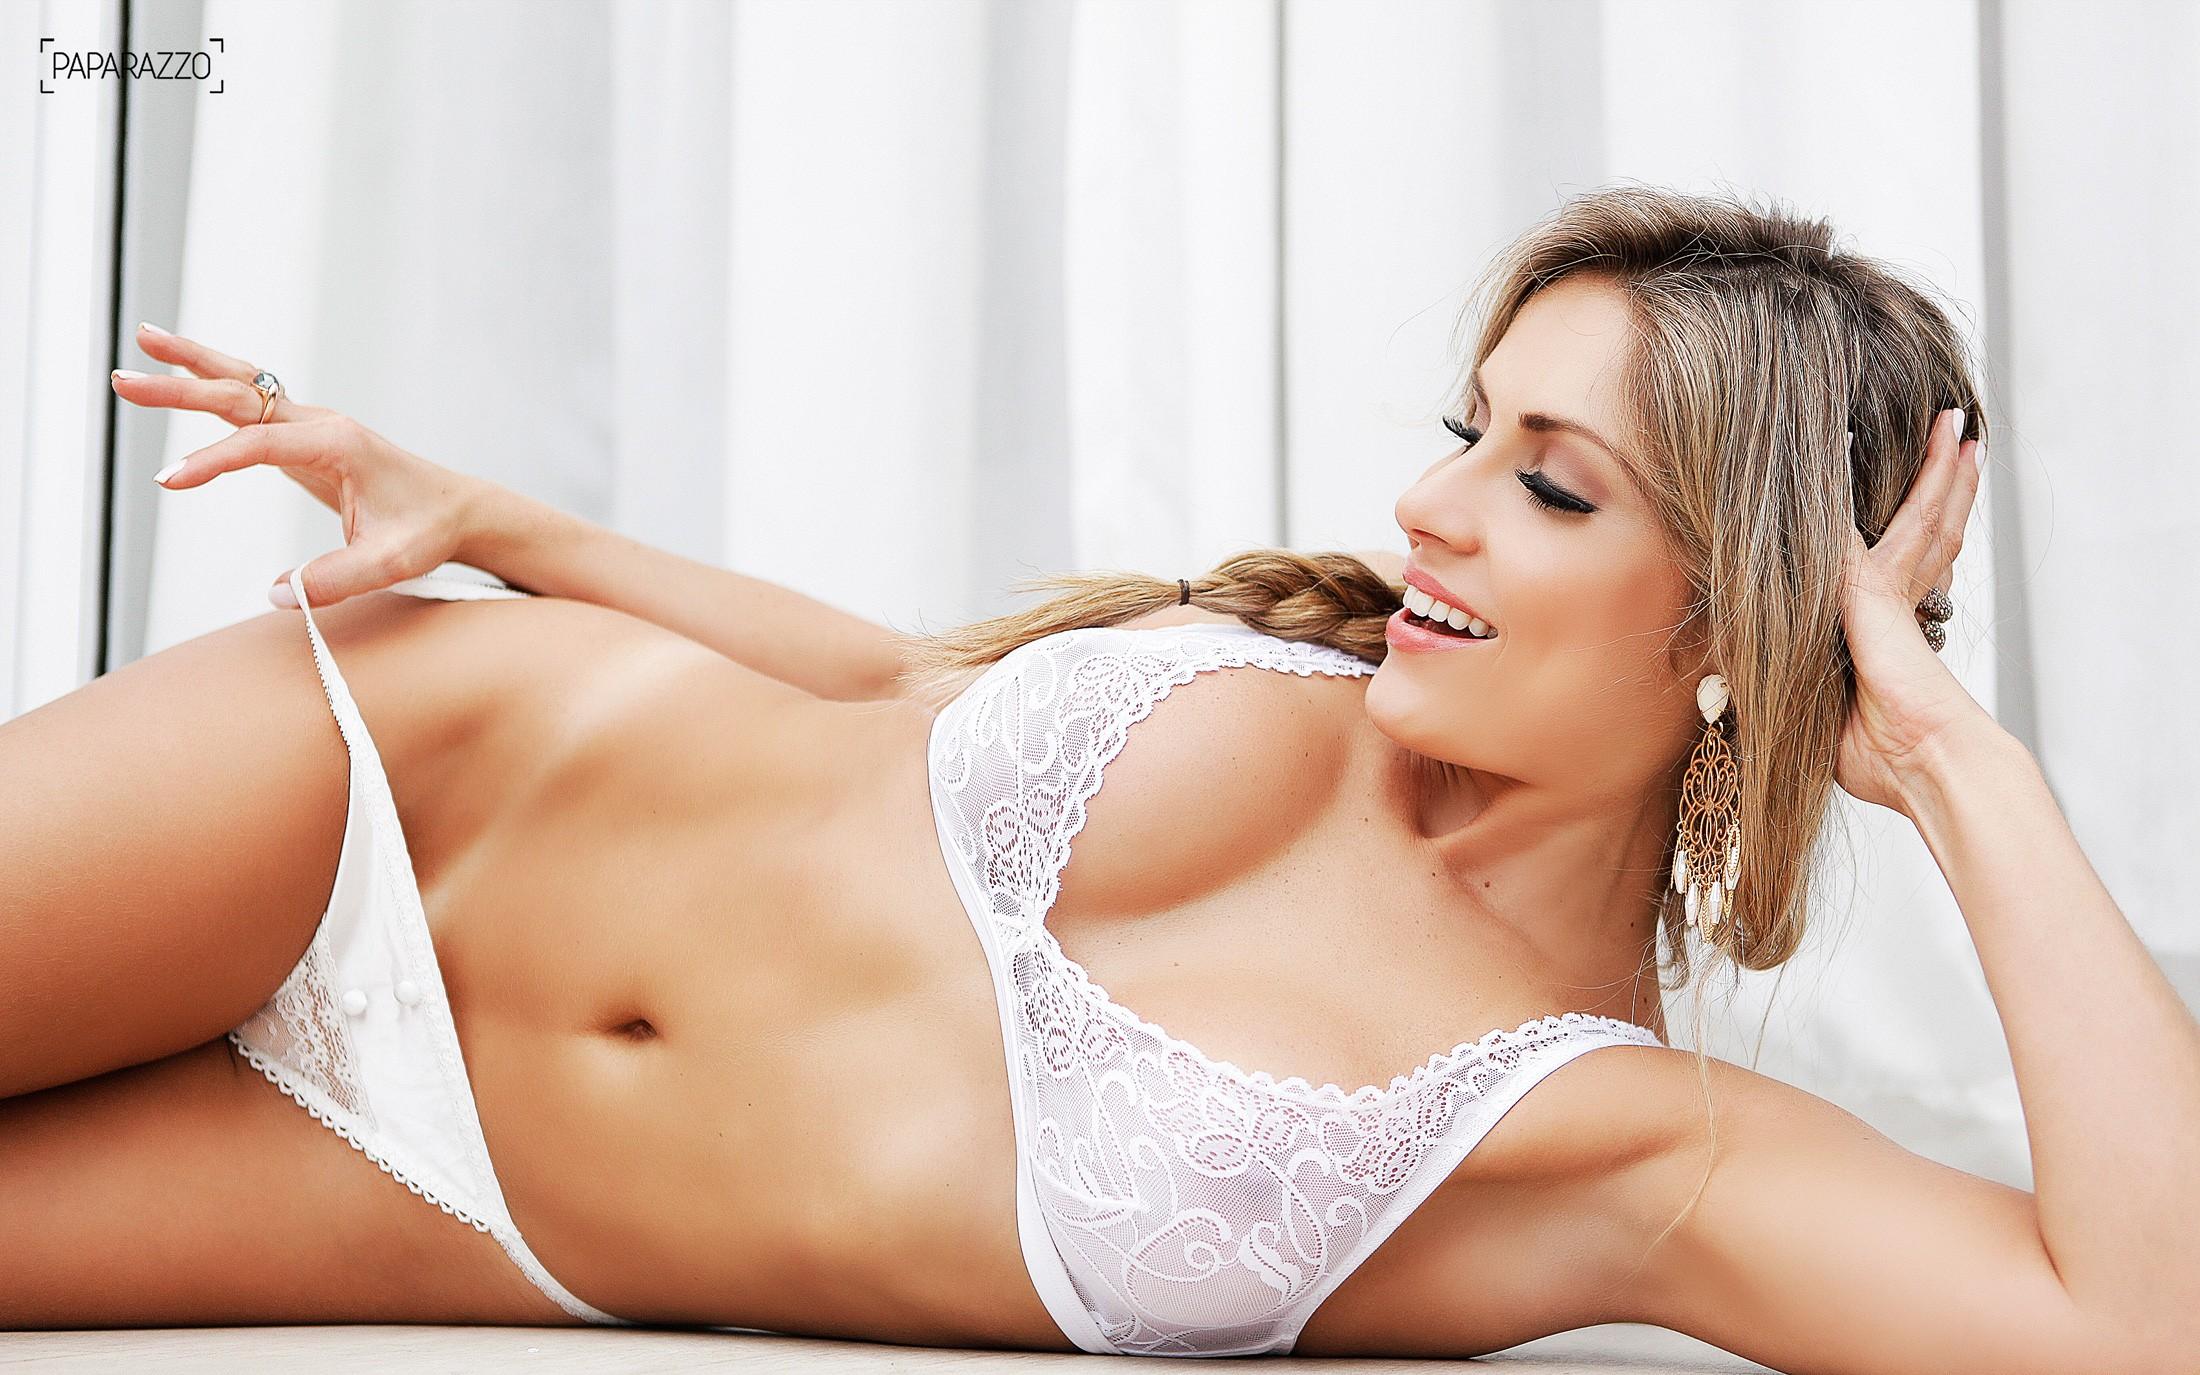 Renata and Marketa GK Porn Videos -